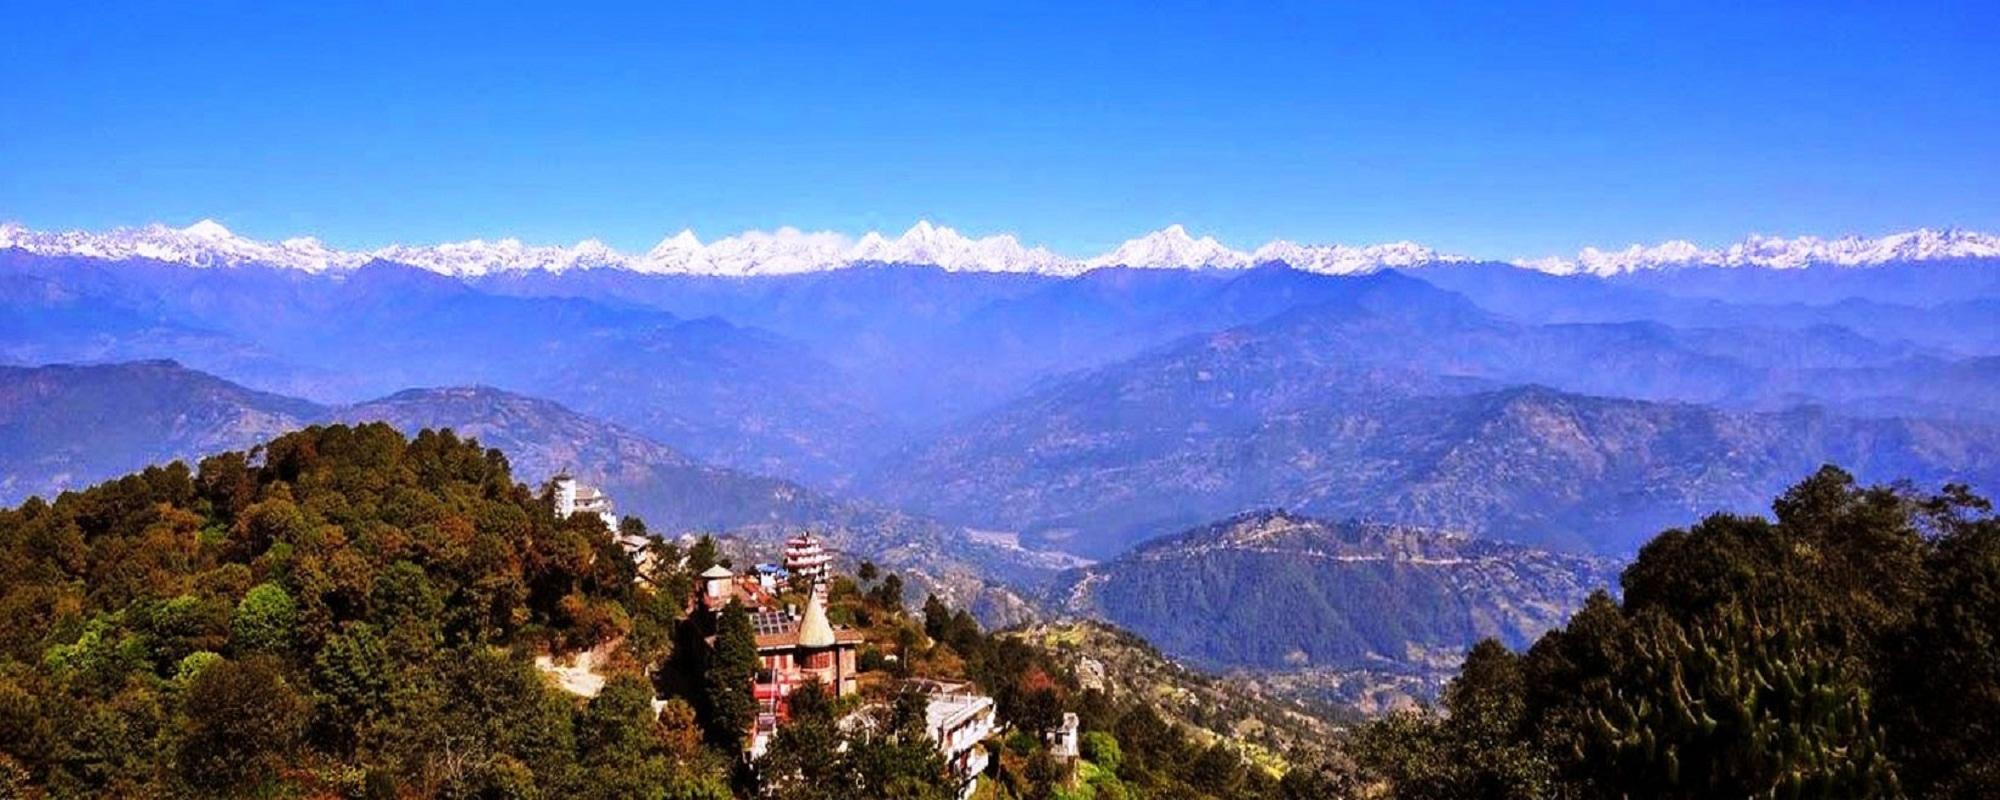 Dhulikhel/Nabuddha Hiking